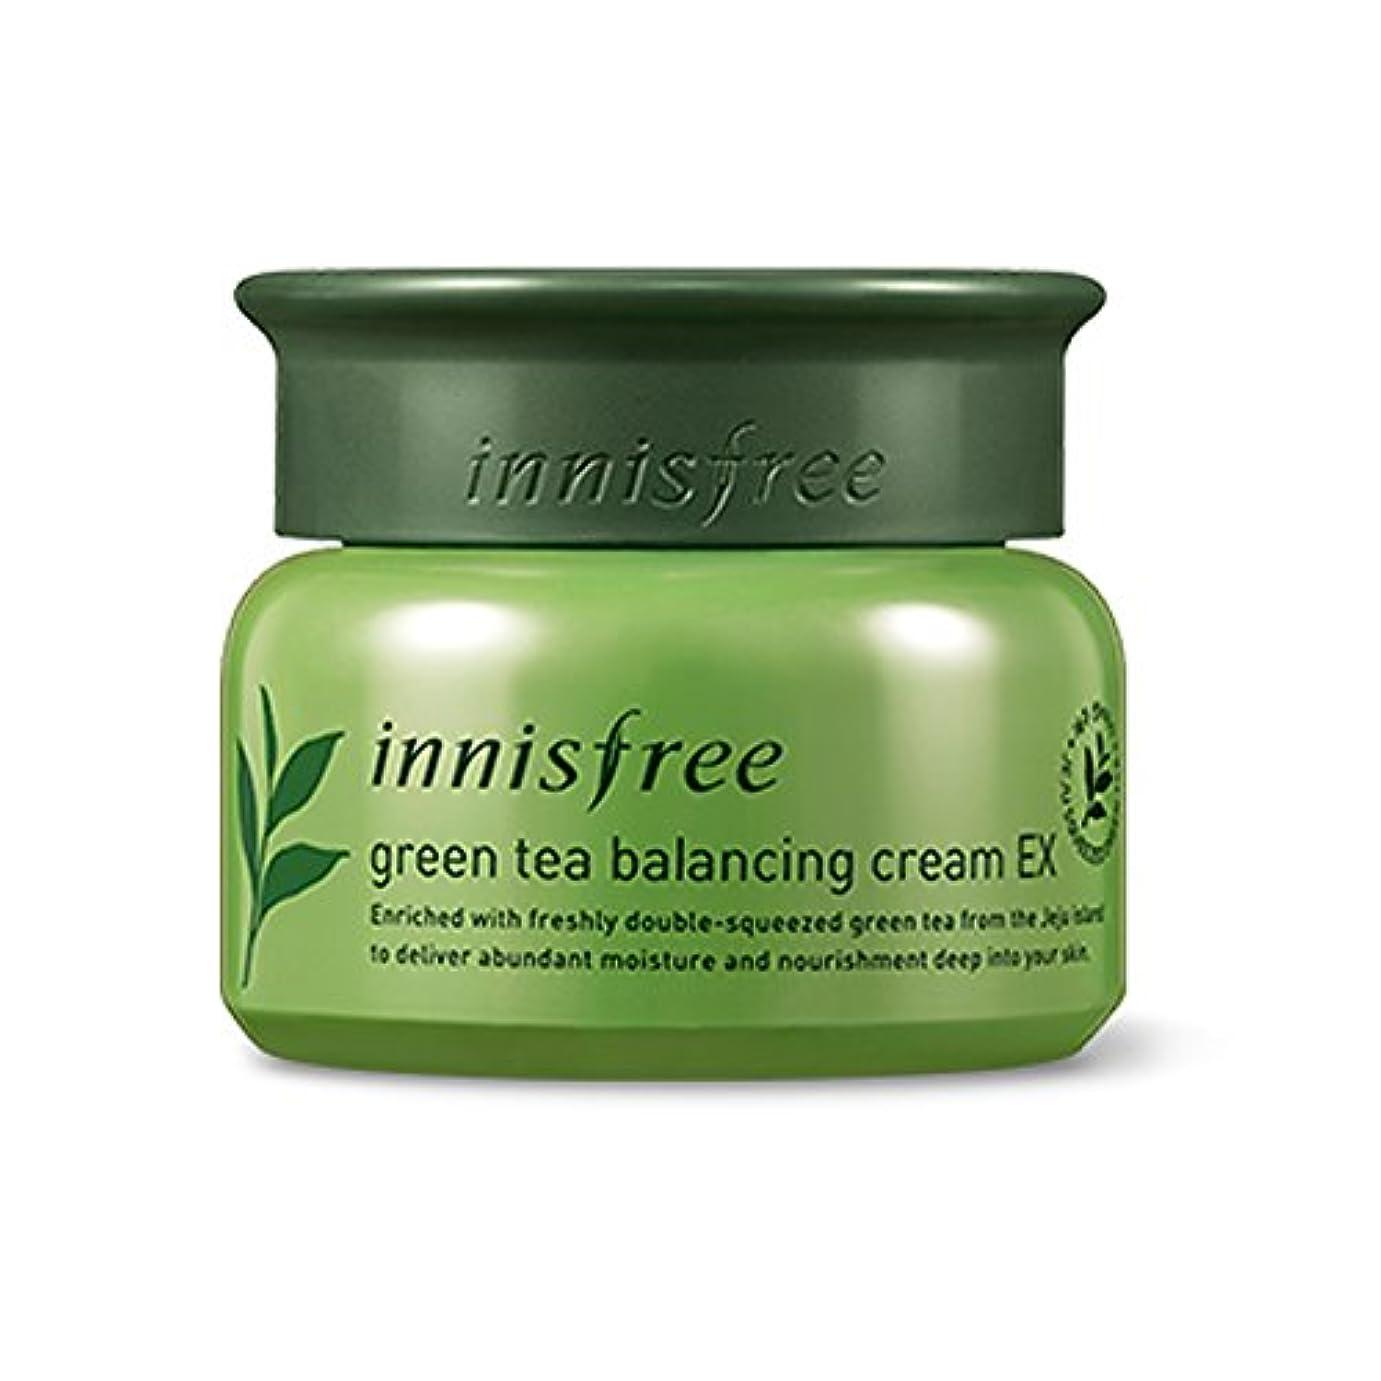 歌群がる麻酔薬イニスフリーグリーンティーバランスクリーム50ml「2018新製品」 Innisfree Green Tea Balancing Cream 50ml